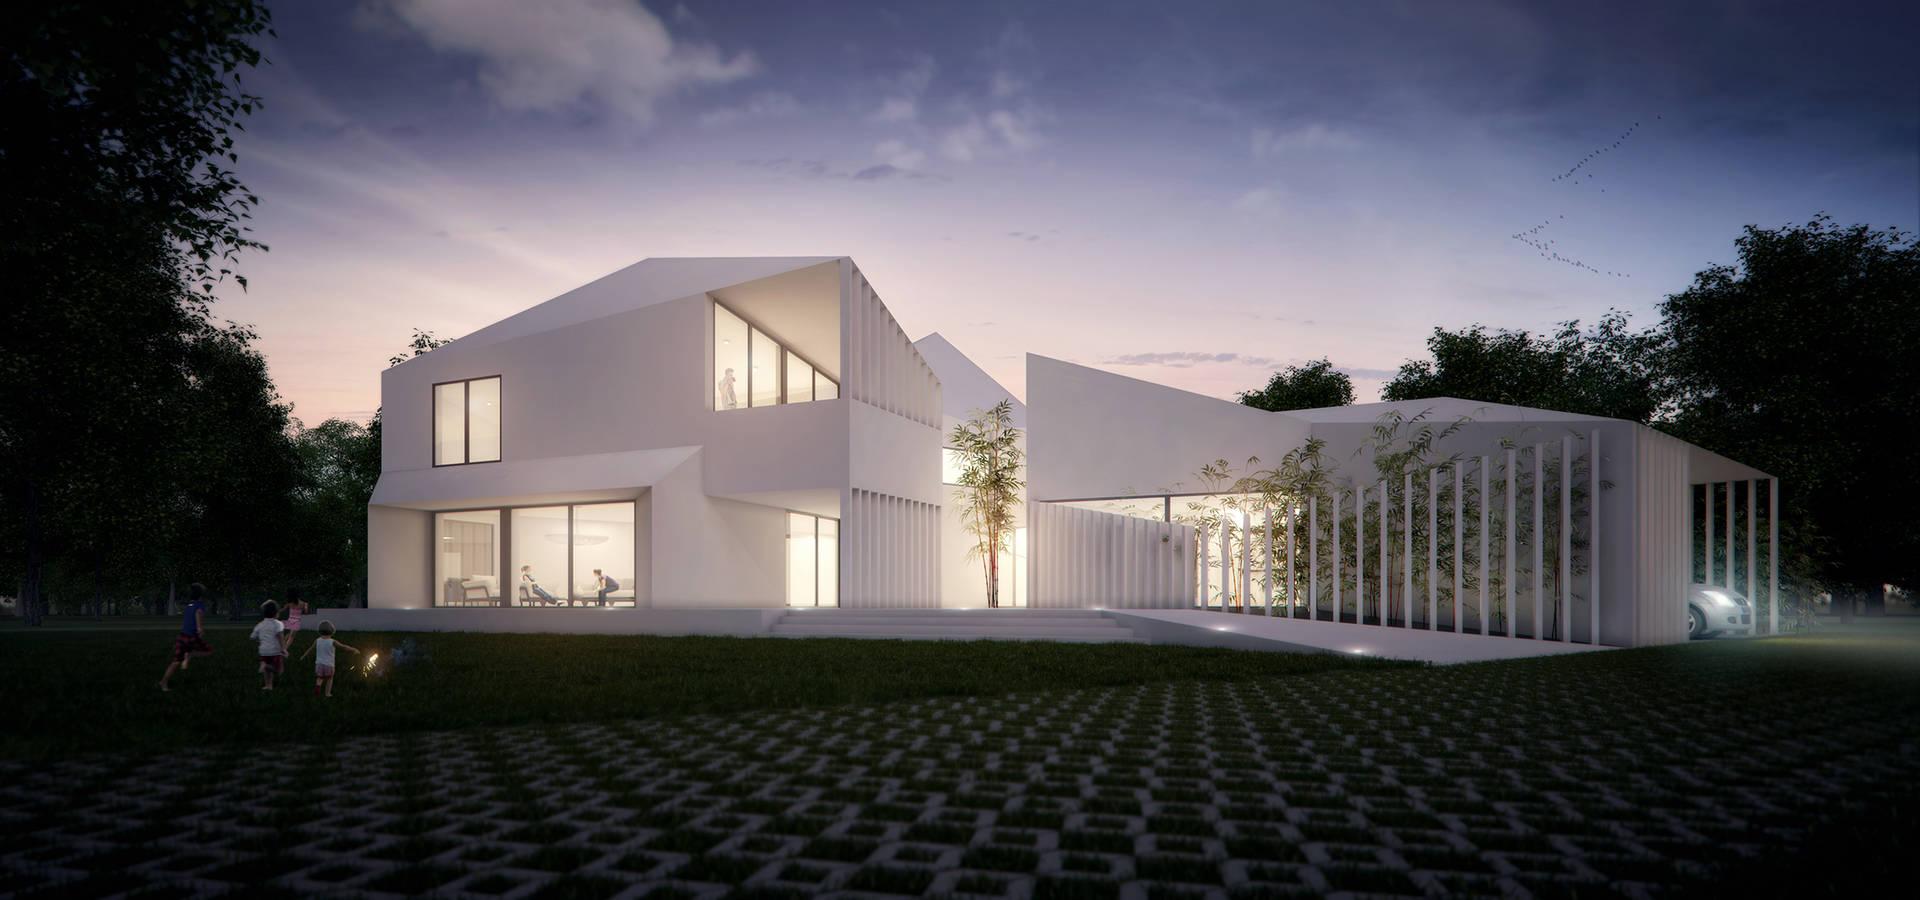 Factoria5 arquitectos en madrid homify - Arquitectos en madrid ...